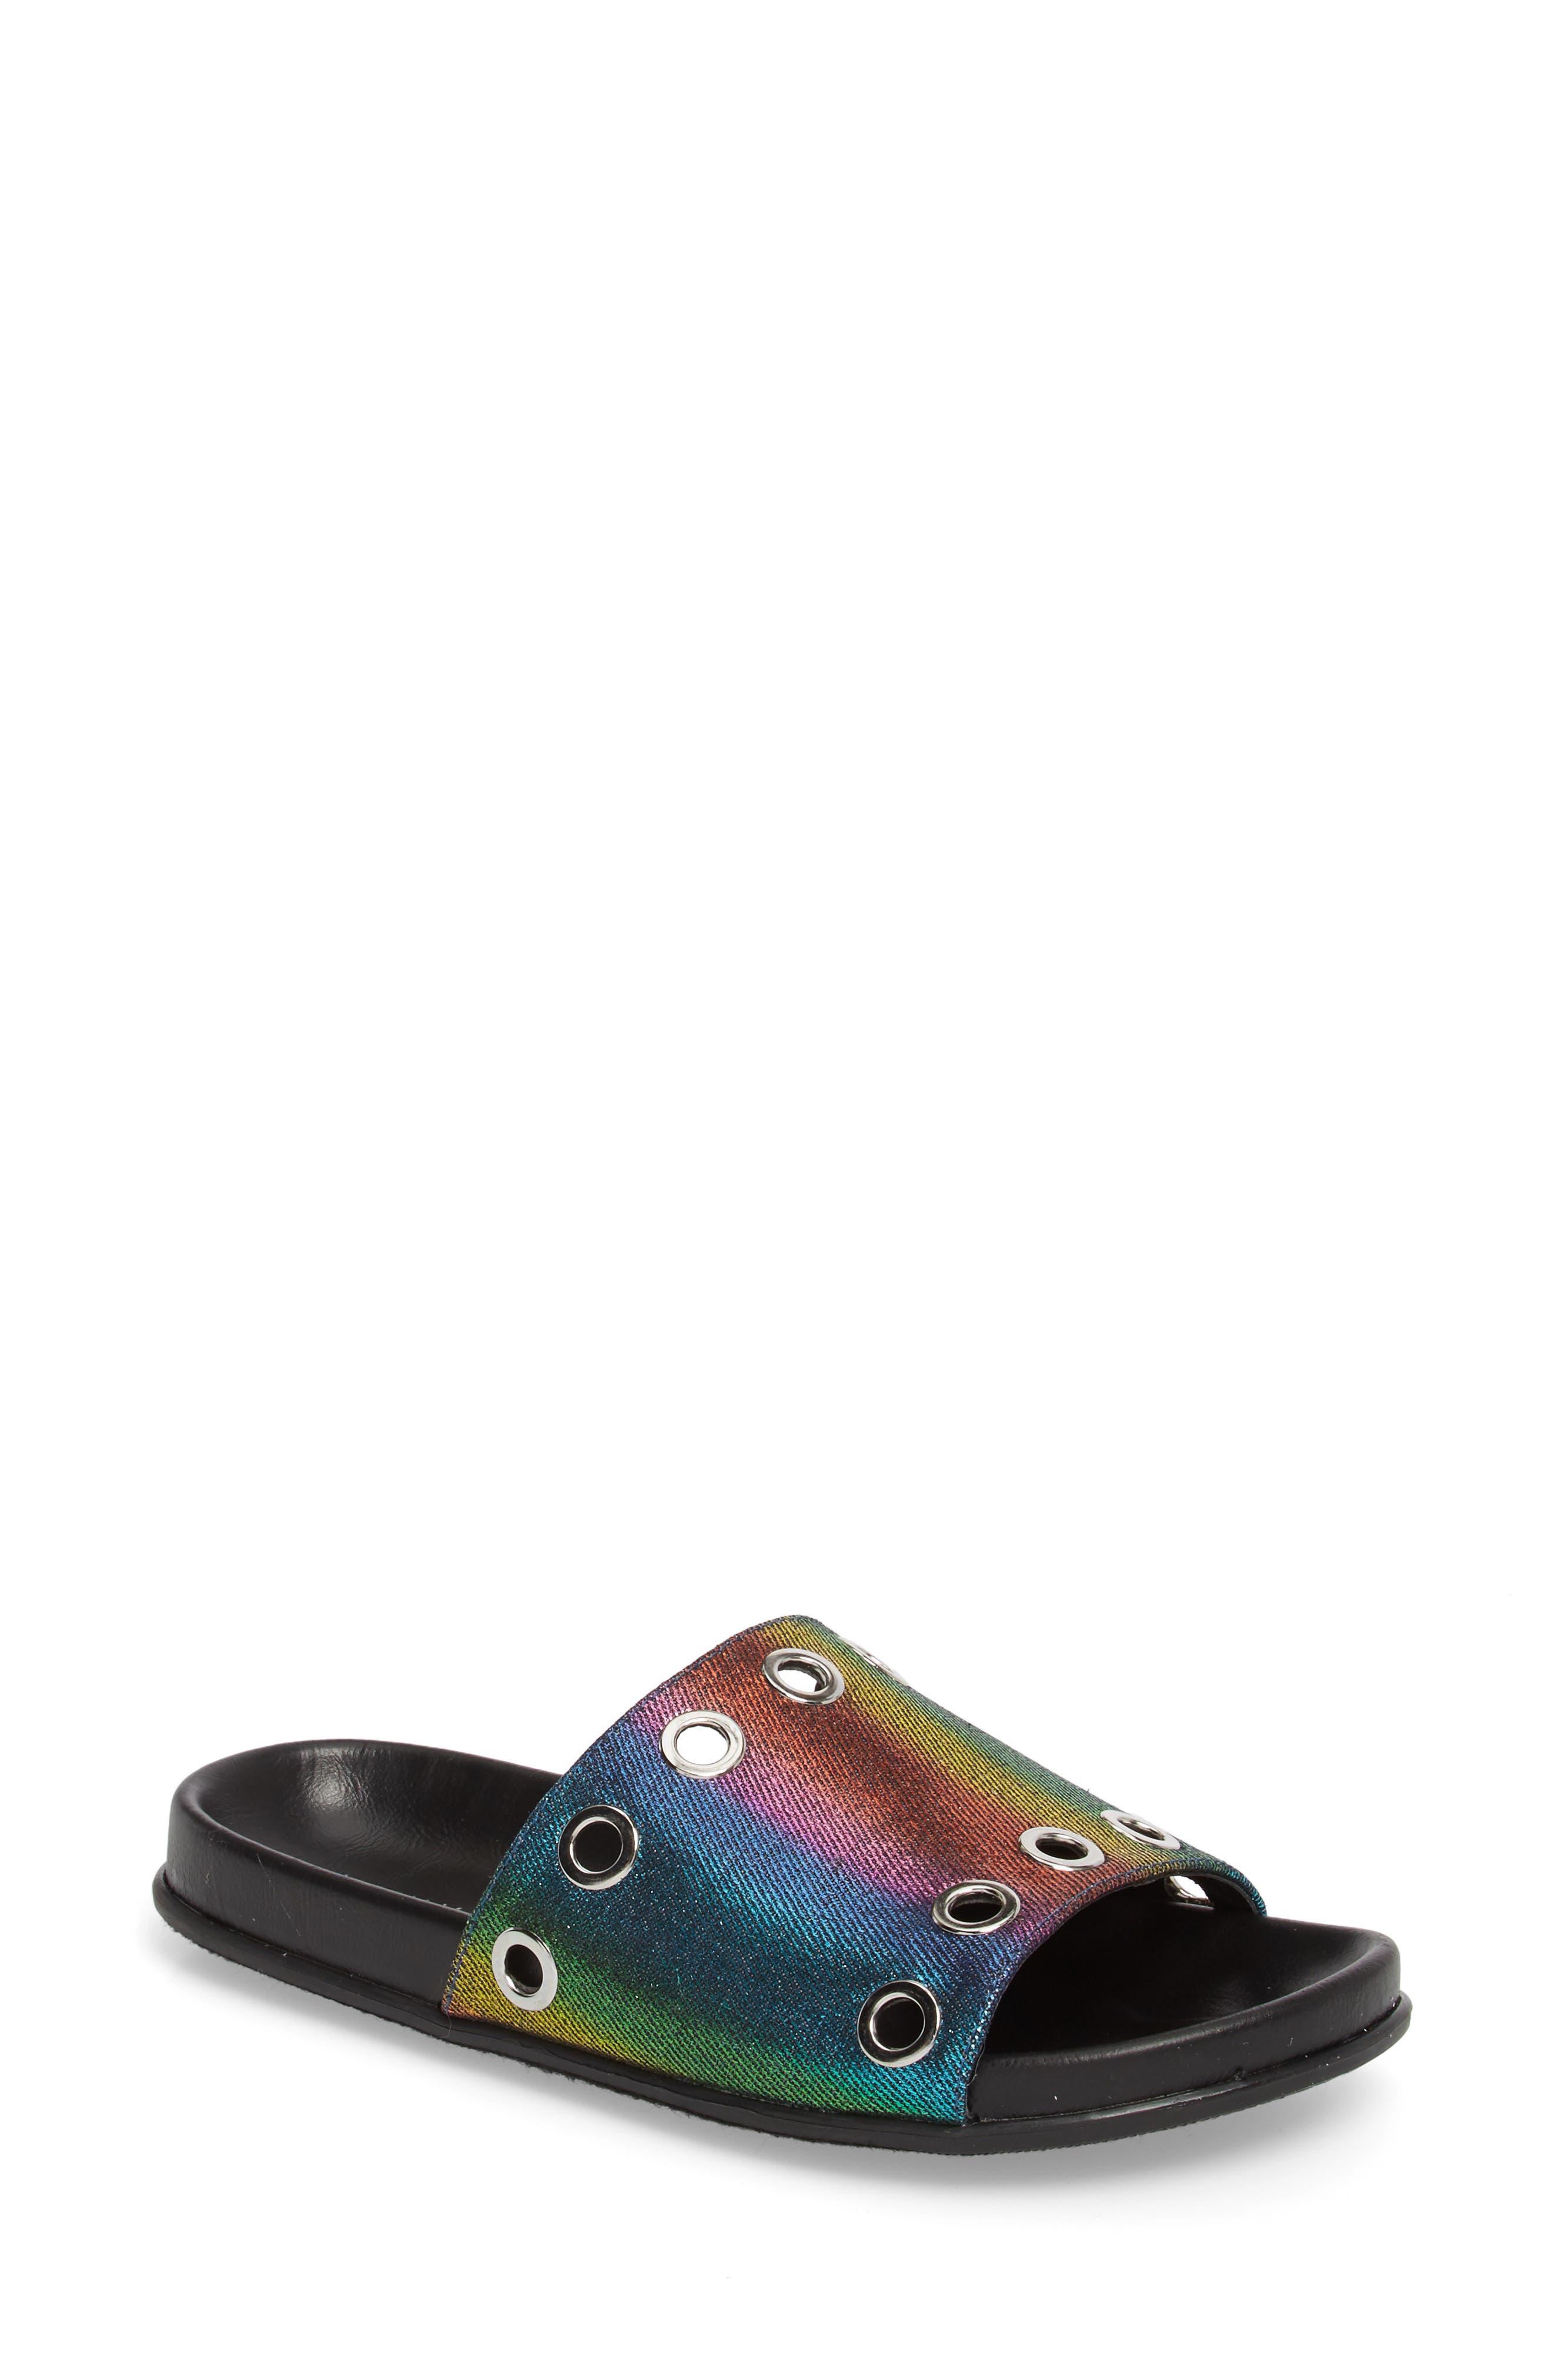 Lenny Slide Sandal,                             Main thumbnail 2, color,